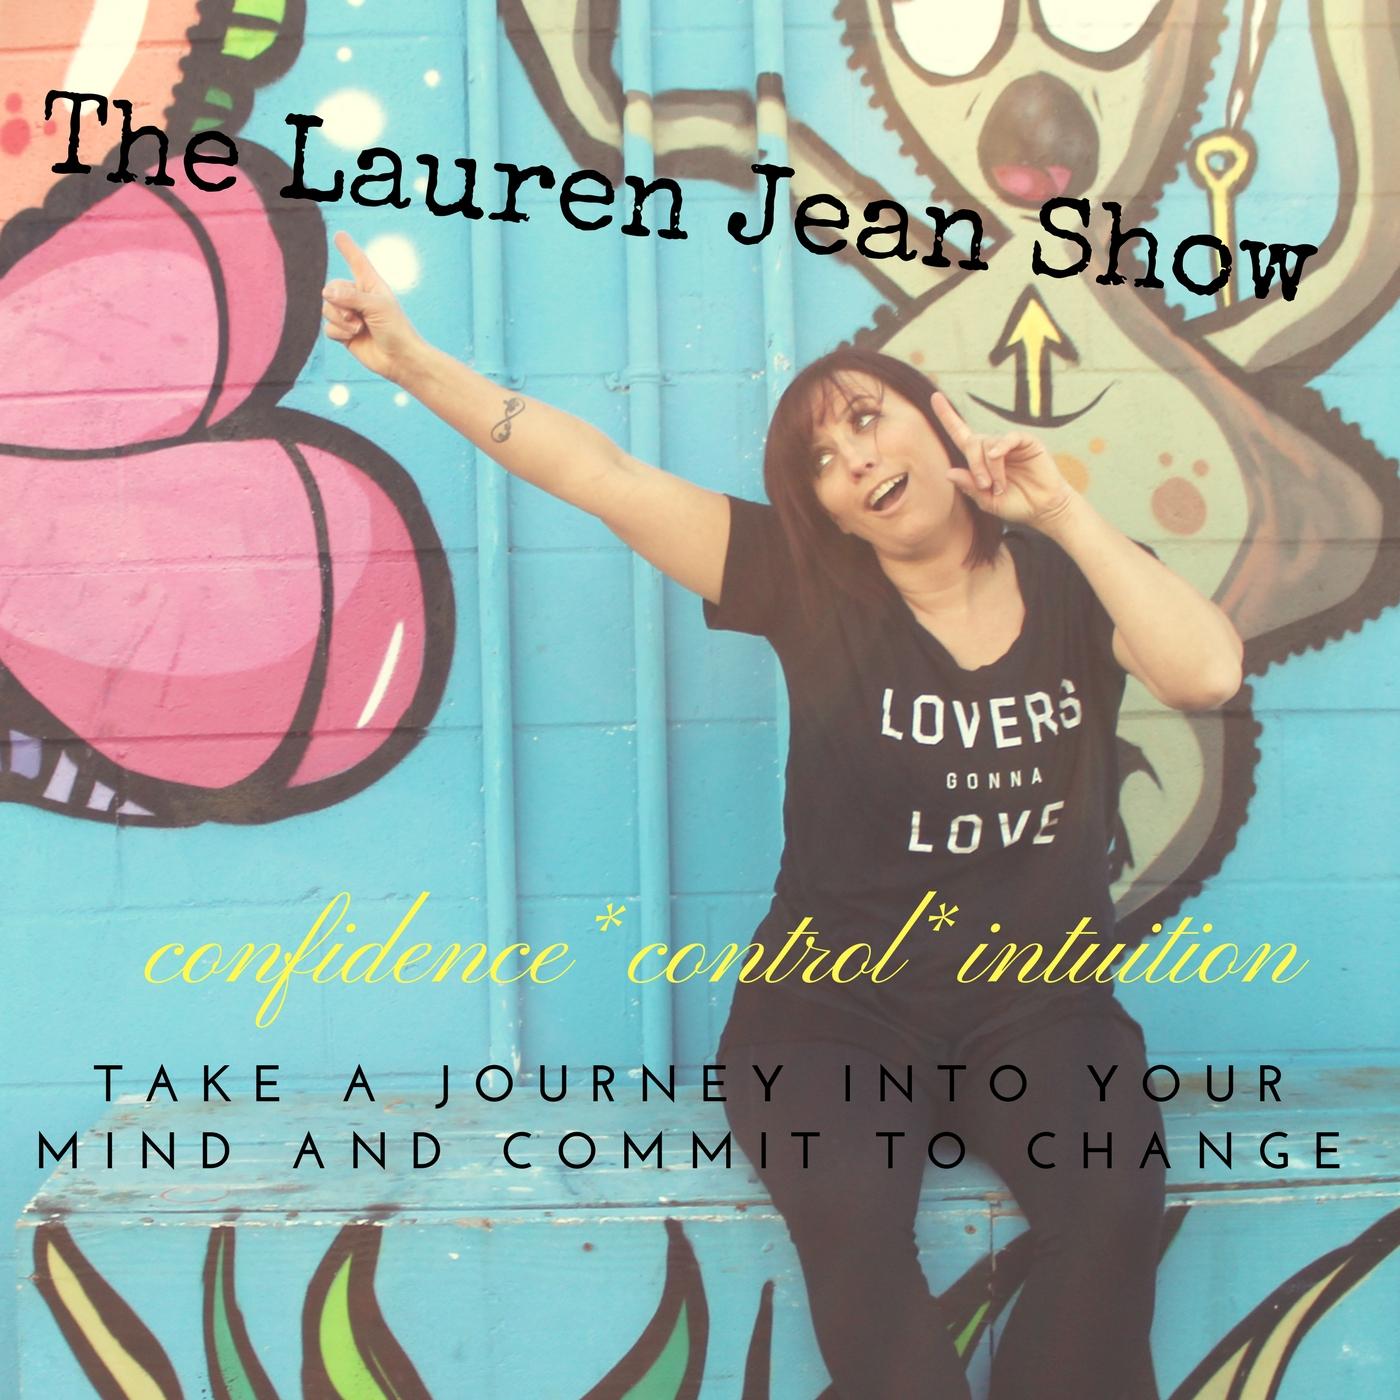 The Lauren Jean Show logo